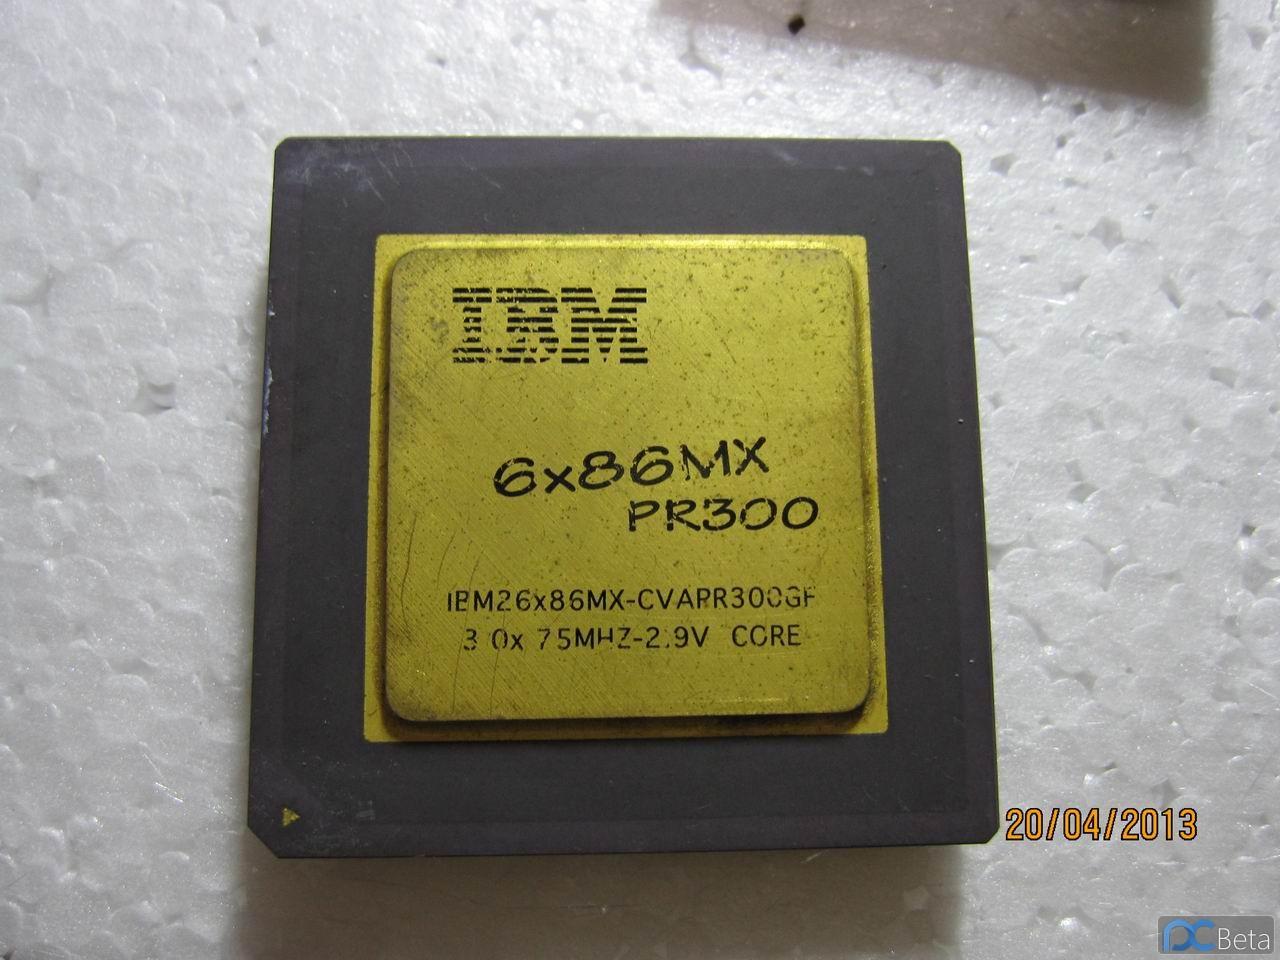 调整大小 IBM.JPG